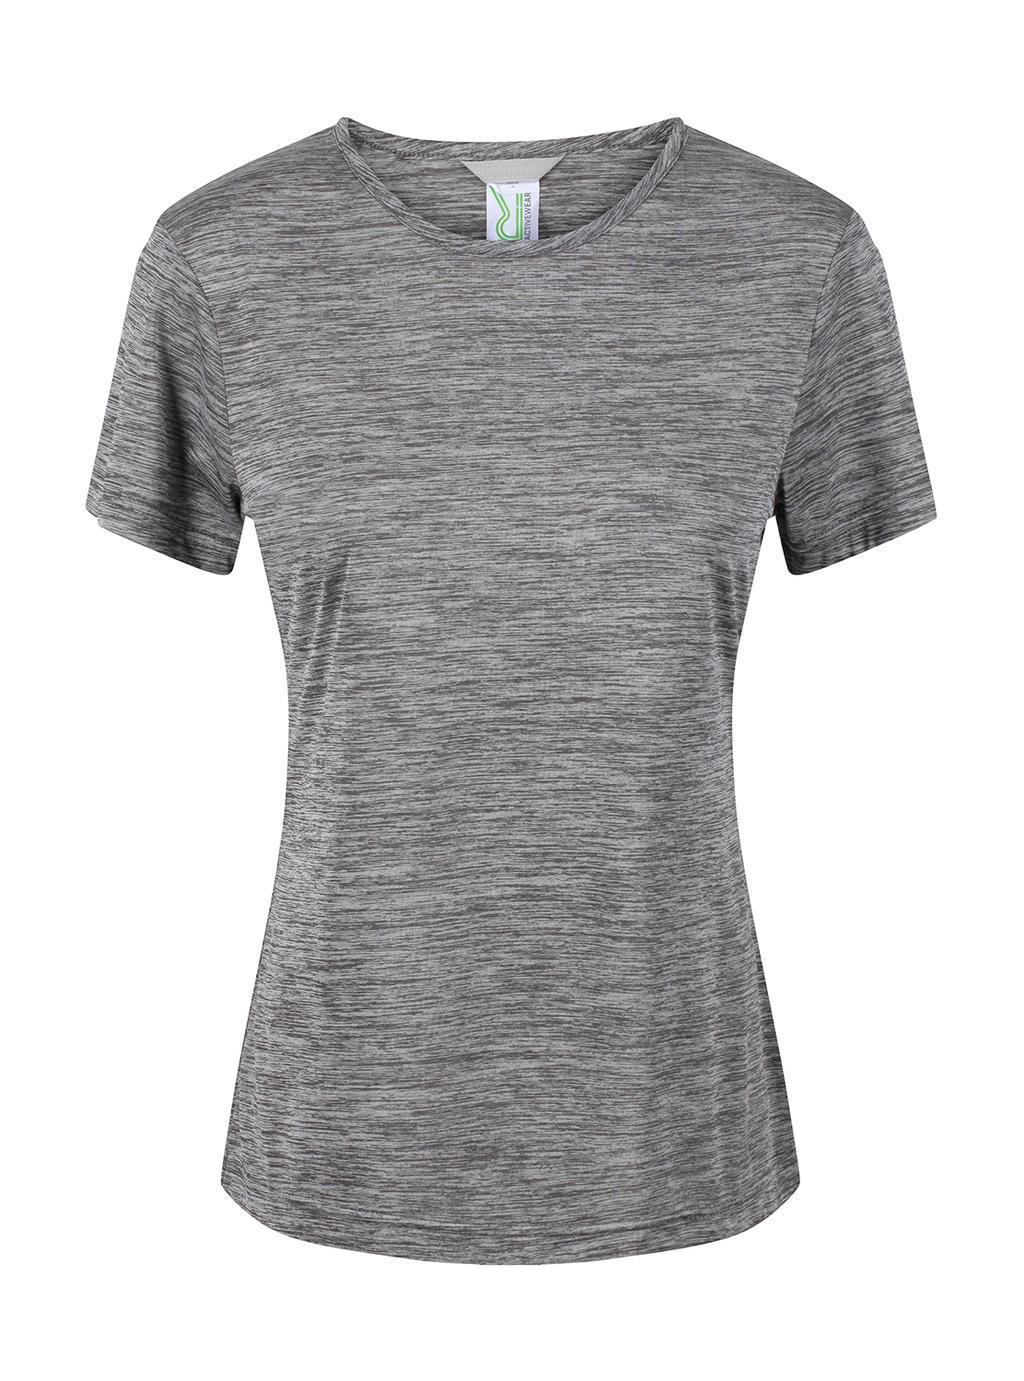 Women's Antwerp Marl T-Shirt